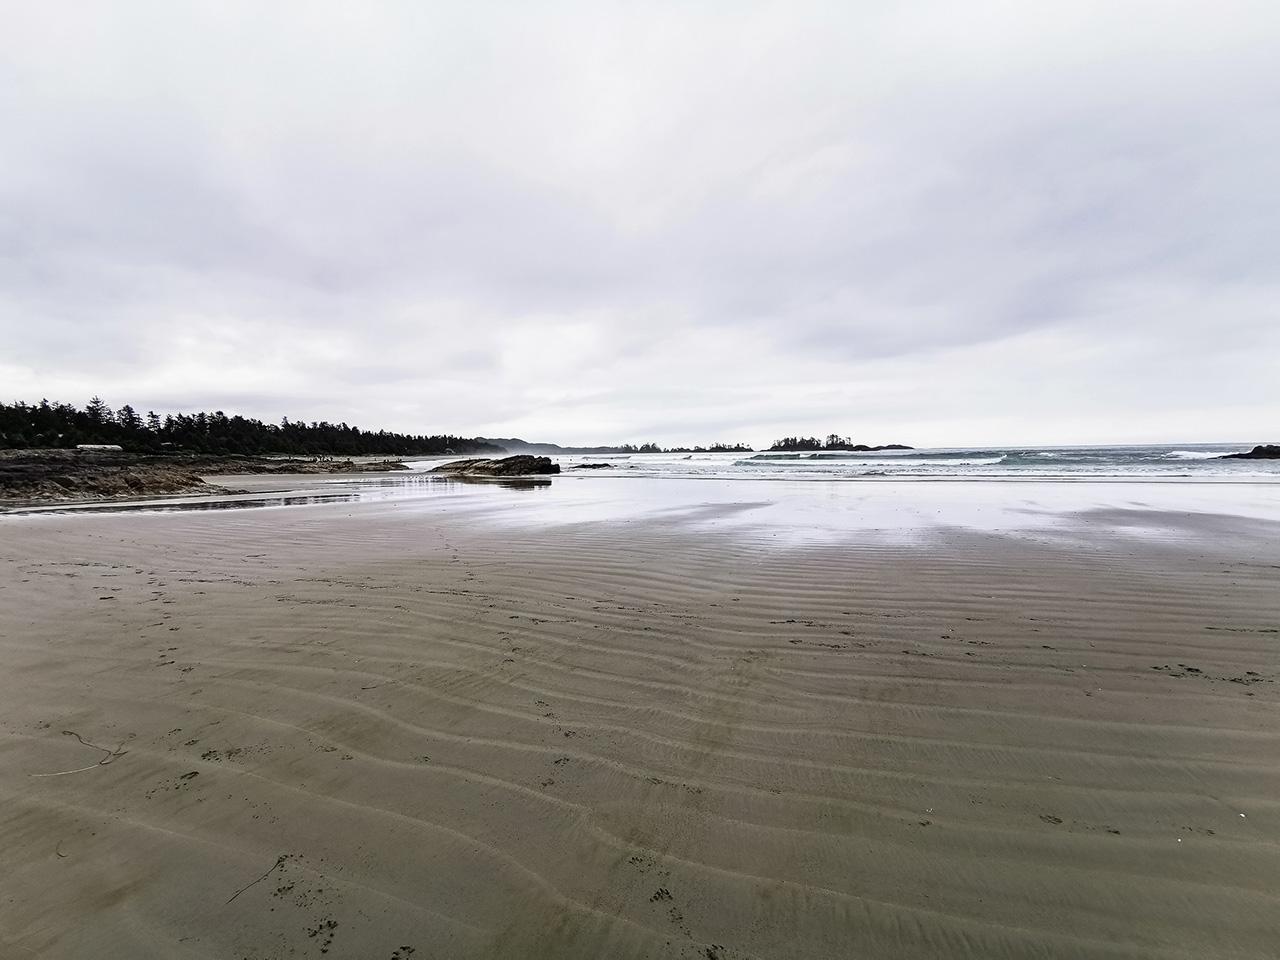 Wickaninnish Inn Beach